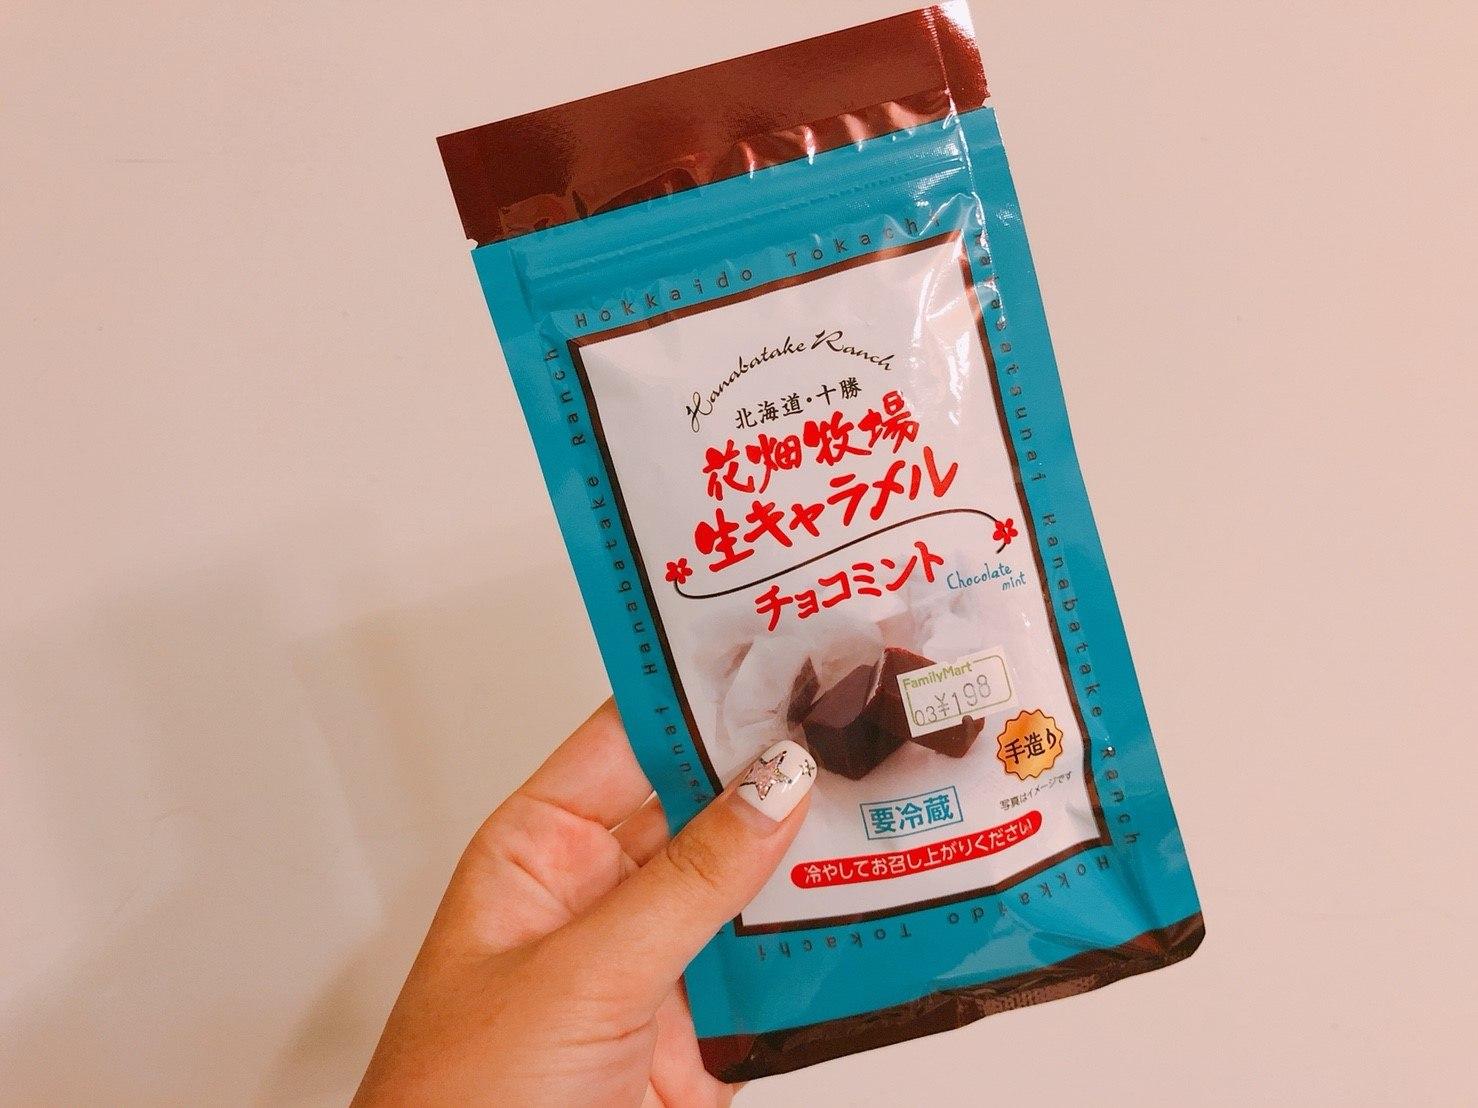 花畑牧場的生牛奶糖本來就是當紅日本伴手禮,推出薄荷巧克力口味後更是風潮再起,可以說是本篇中最難入手的稀有品啦!不妨在日本的全家便利商店碰碰運氣吧。